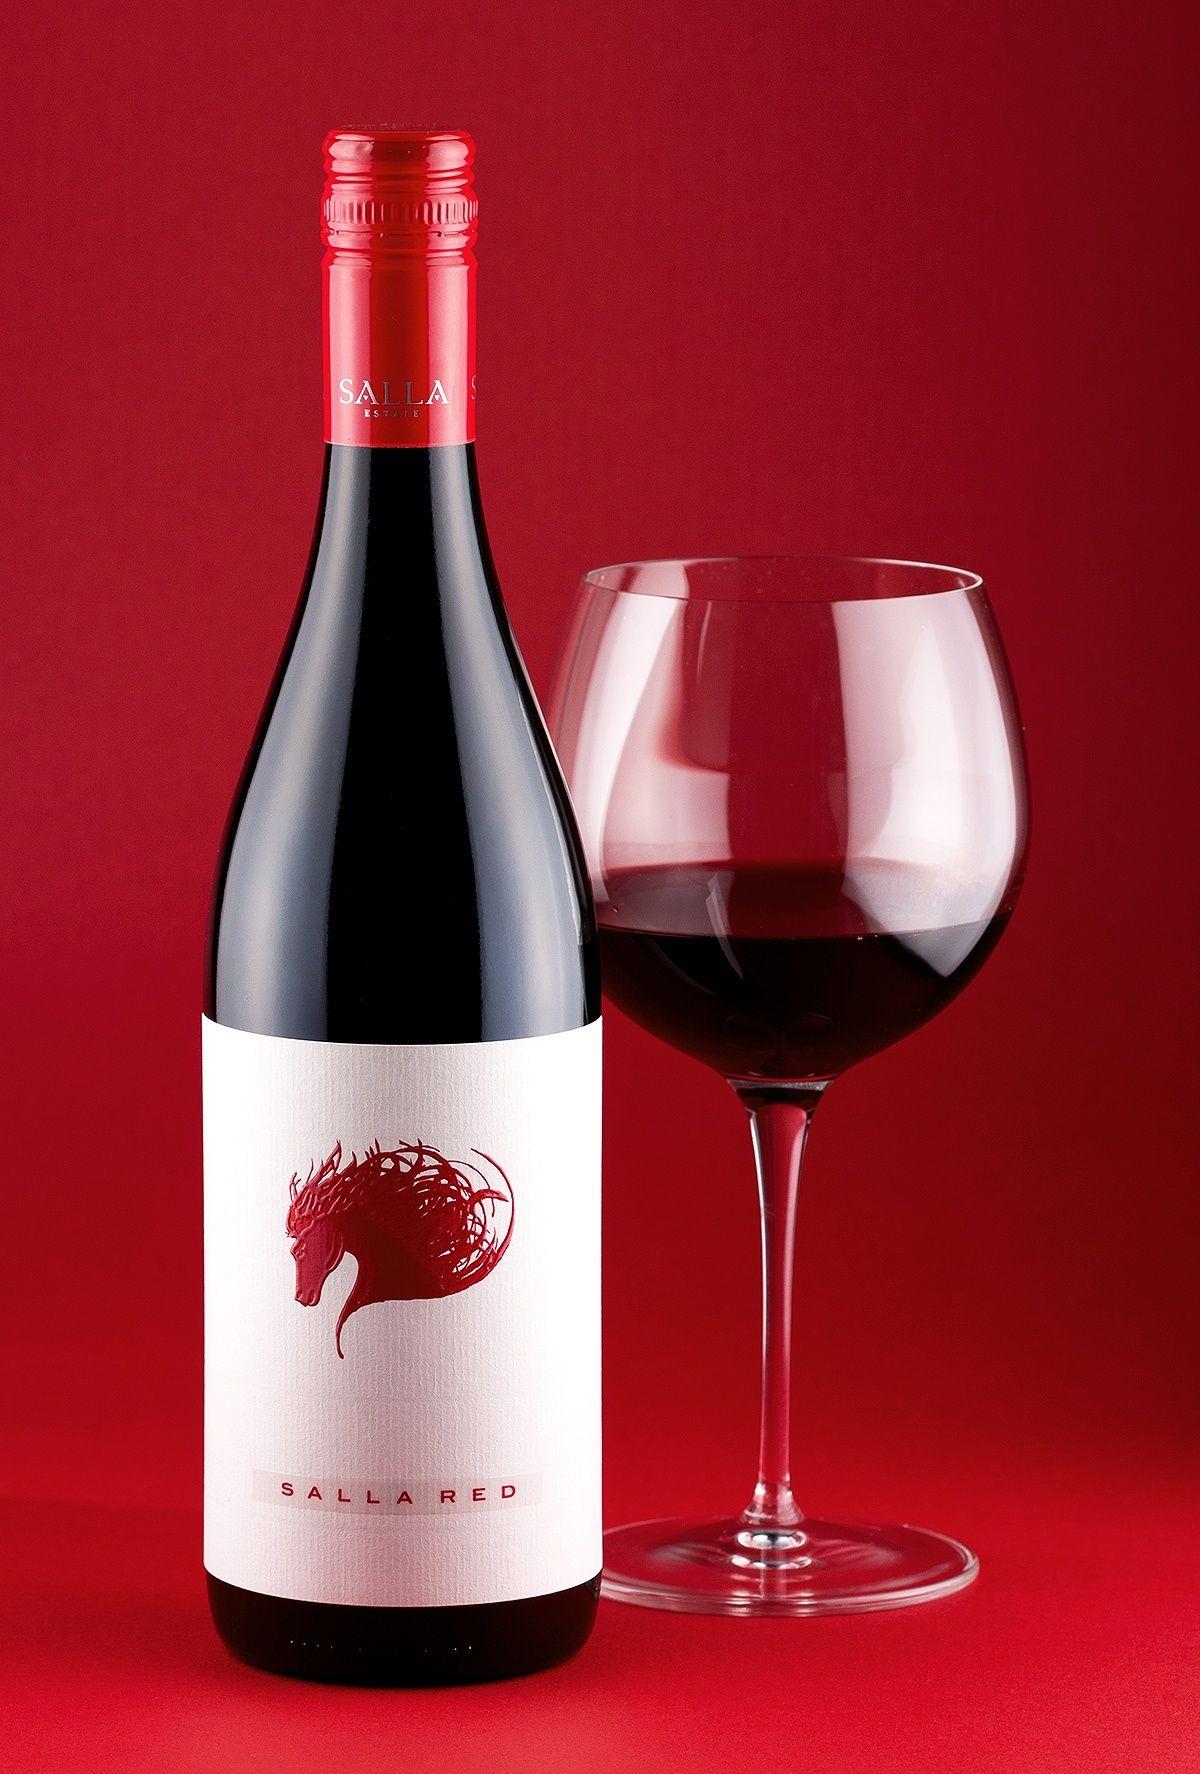 Salla White Wine Label The Call Of The Free Spirit Etiquette Vin White Wine Vin